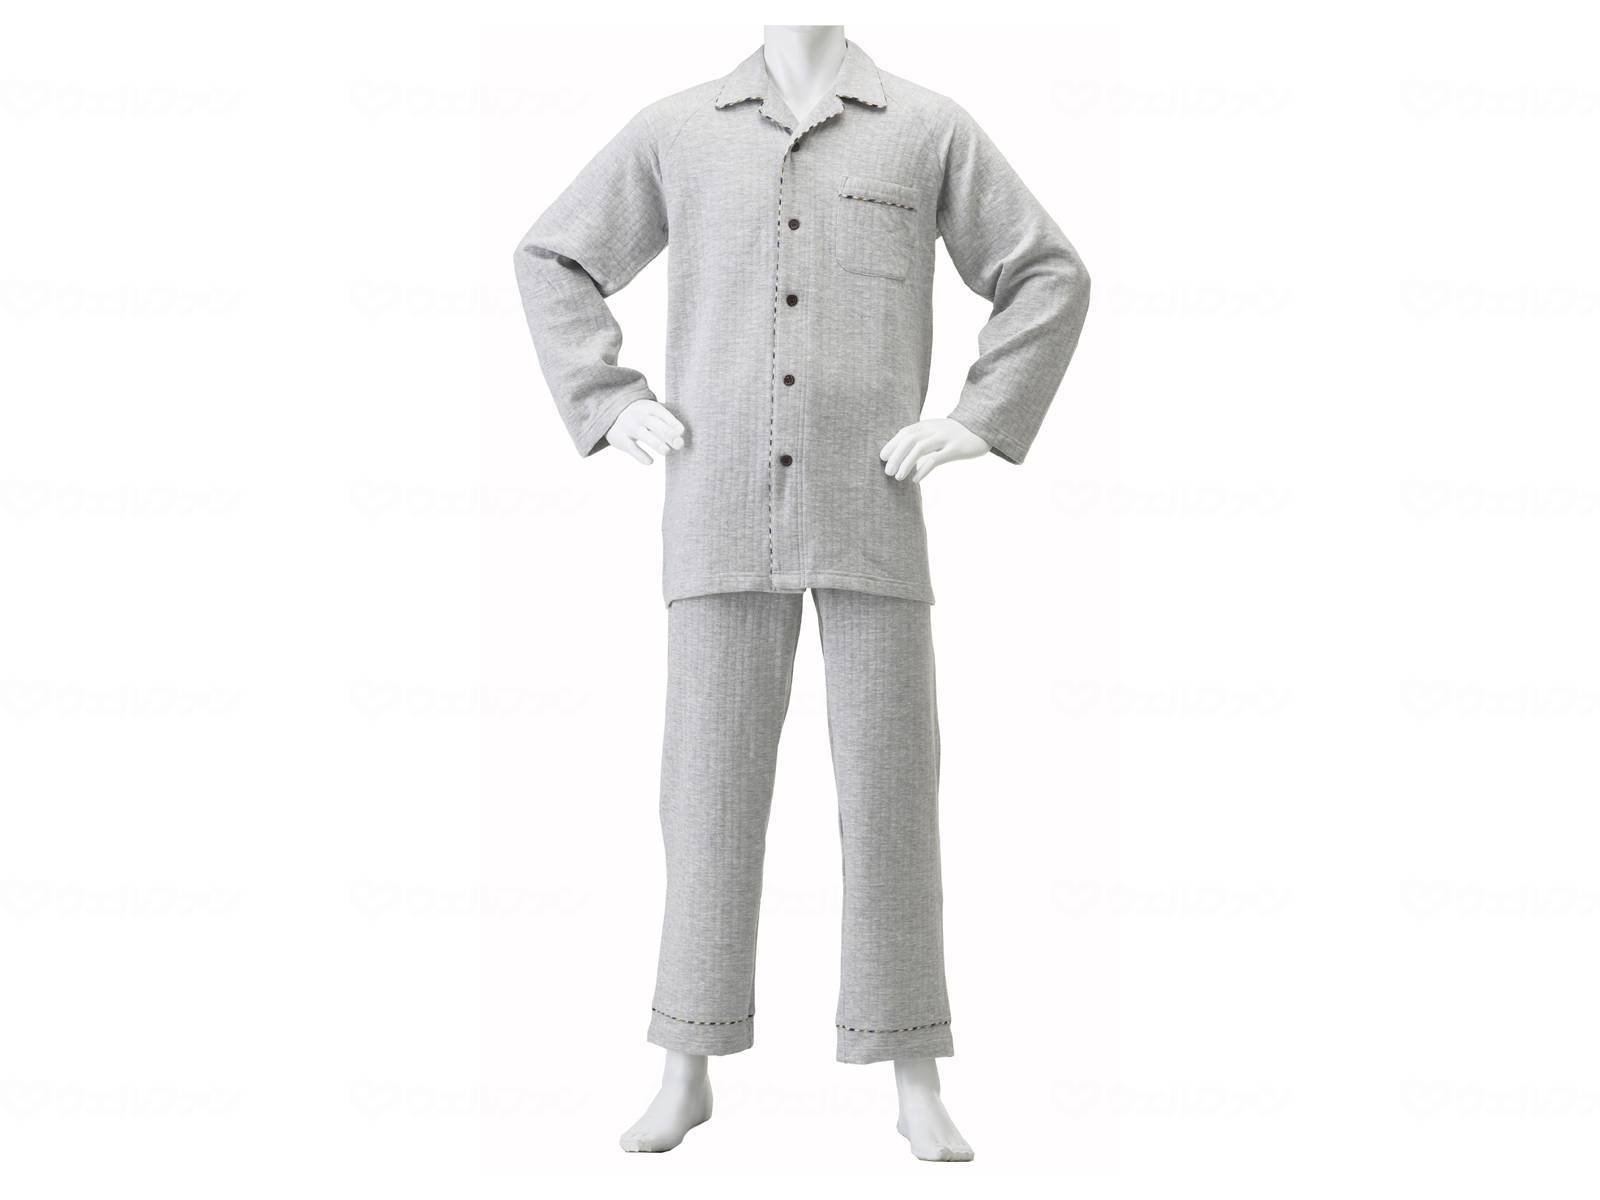 紳士楽らくキルトパジャマの画像